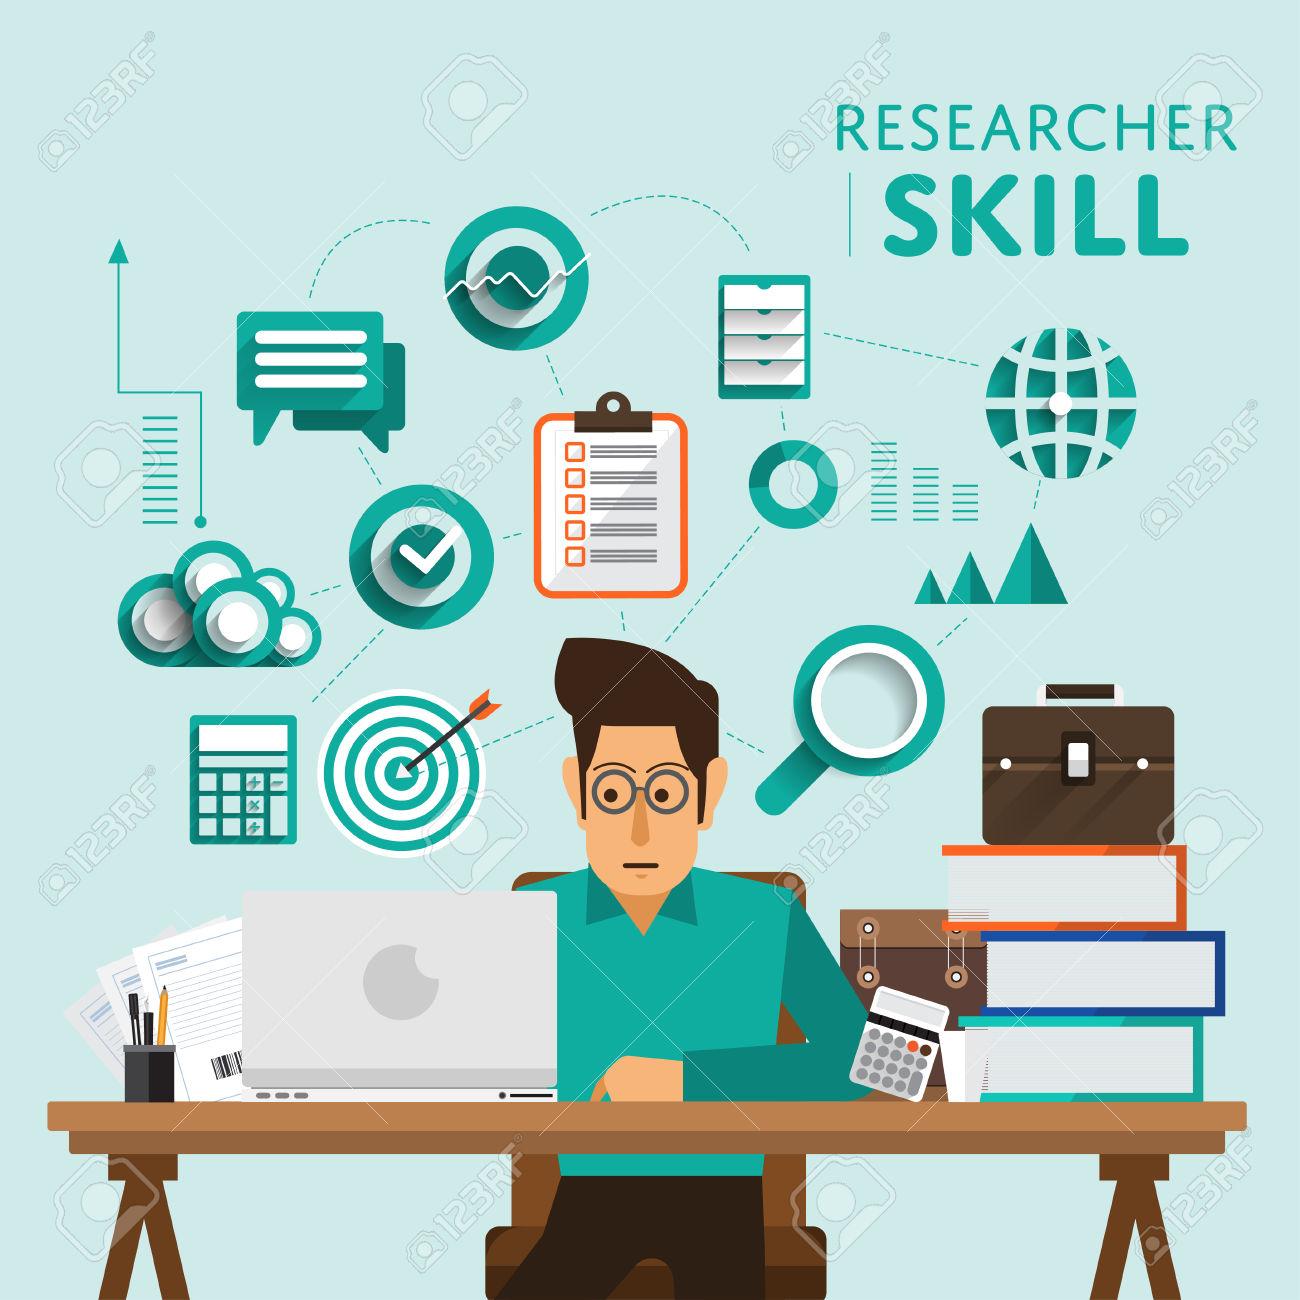 Thông báo tuyển dụng - Thực tập sinh và chuyên viên nghiên cứu